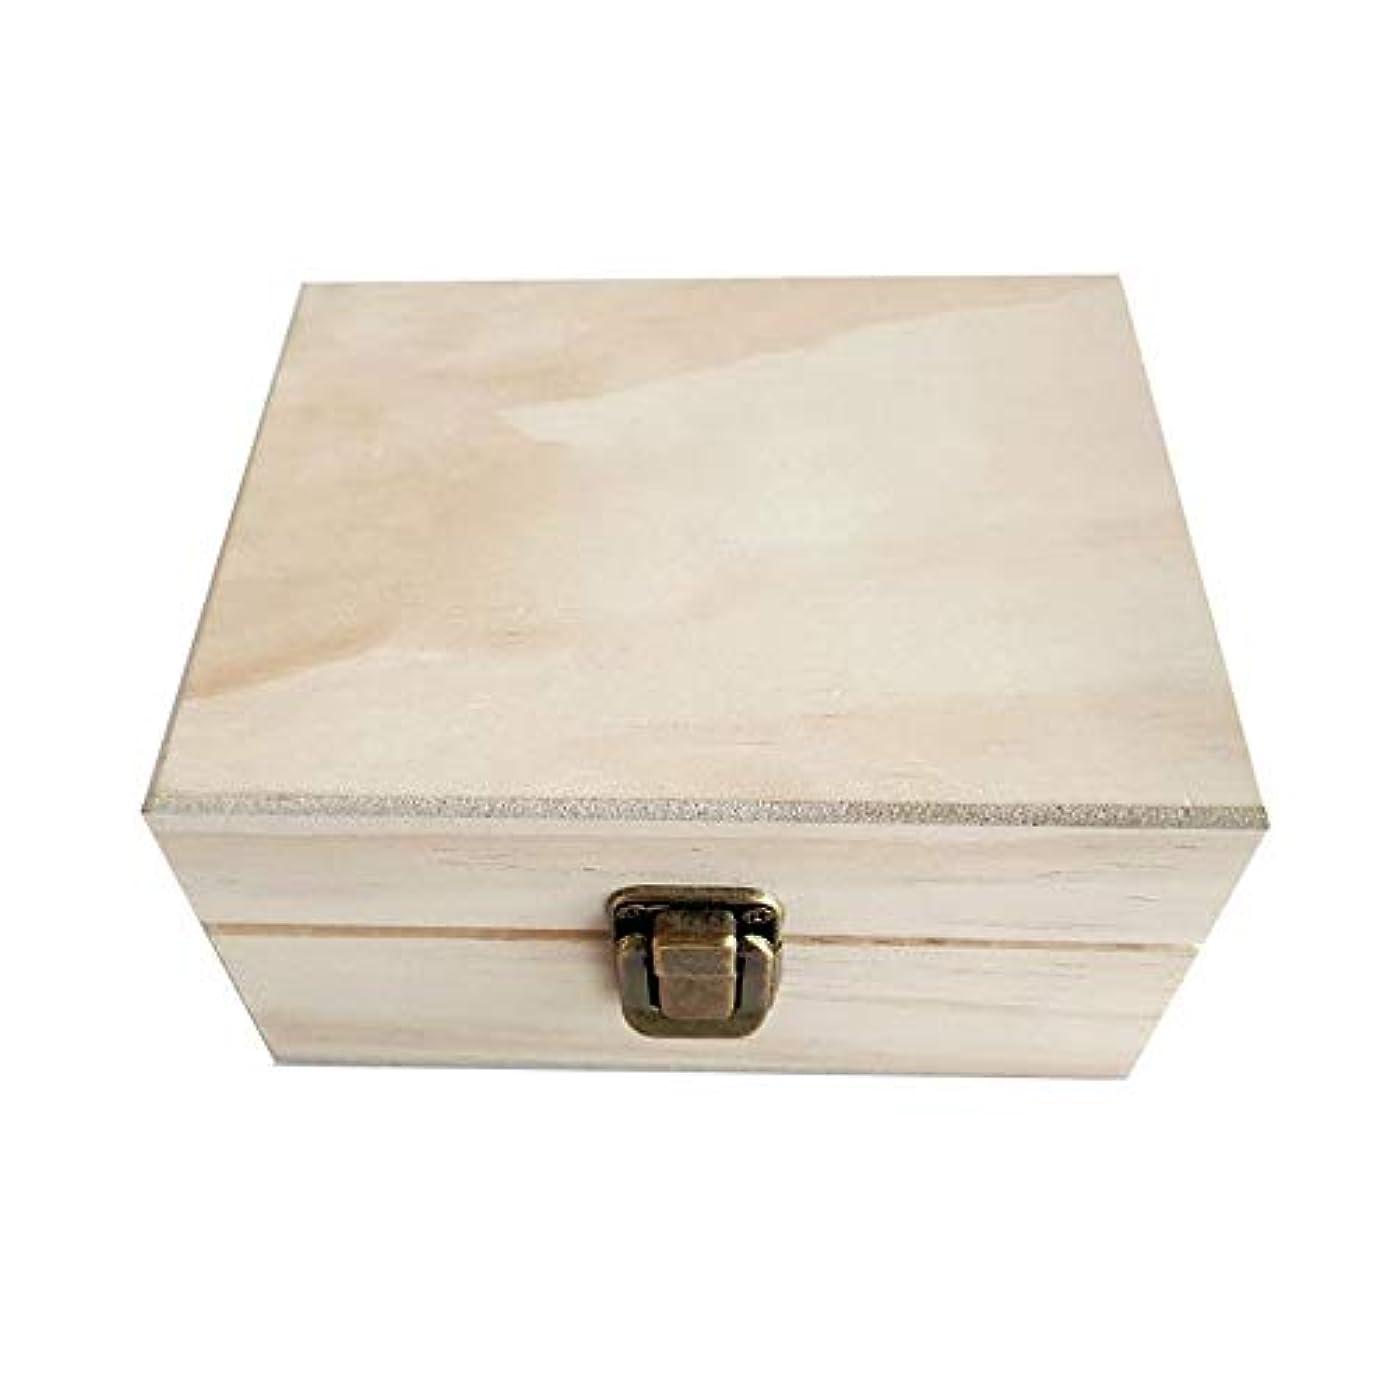 一回贈り物なのでエッセンシャルオイルの保管 12スロットエッセンシャルオイルボックス木製収納ケースは12本入りエッセンシャルオイルスペースセーバーの開催します (色 : Natural, サイズ : 15X12X8.5CM)